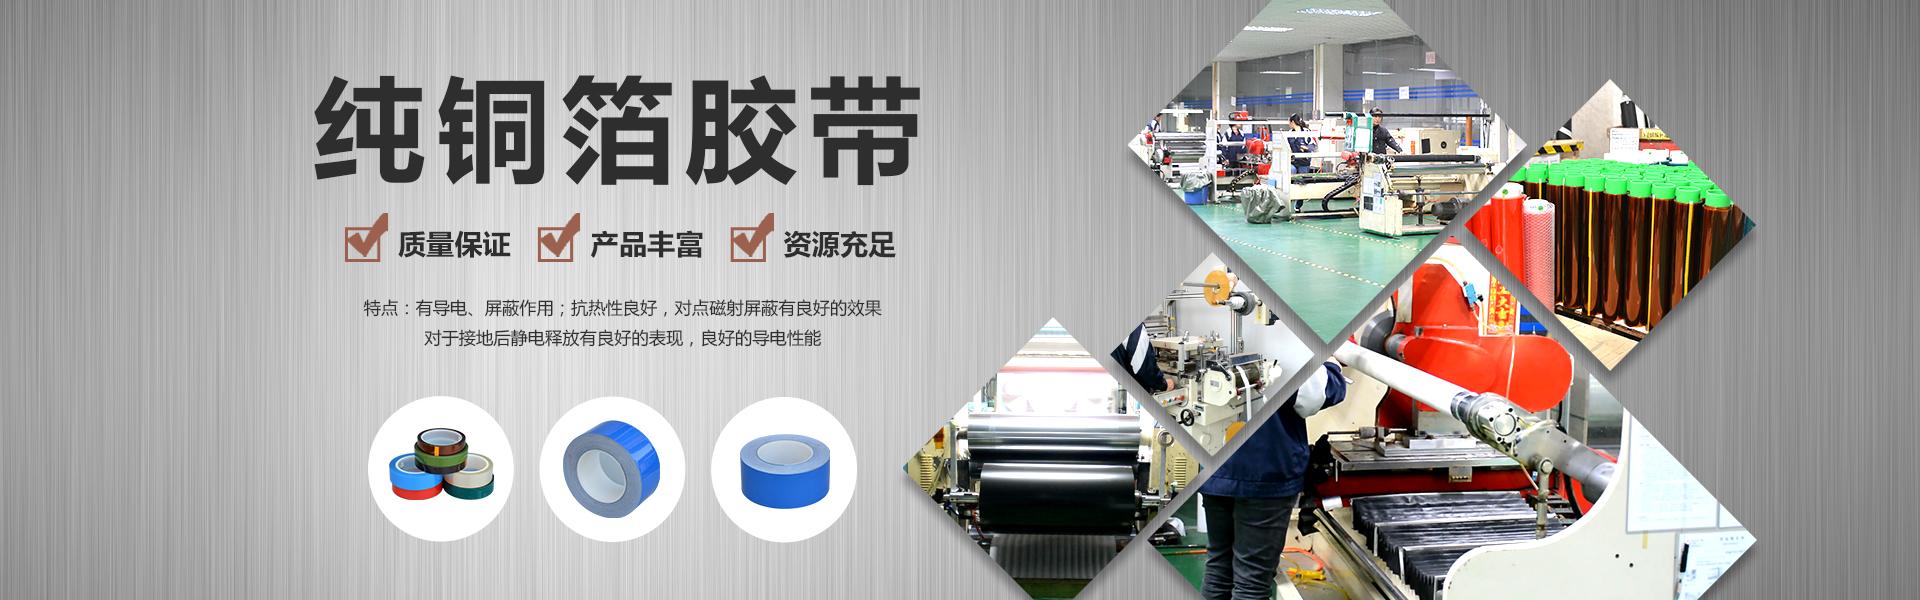 东莞市鸿腾电子材料有限公司